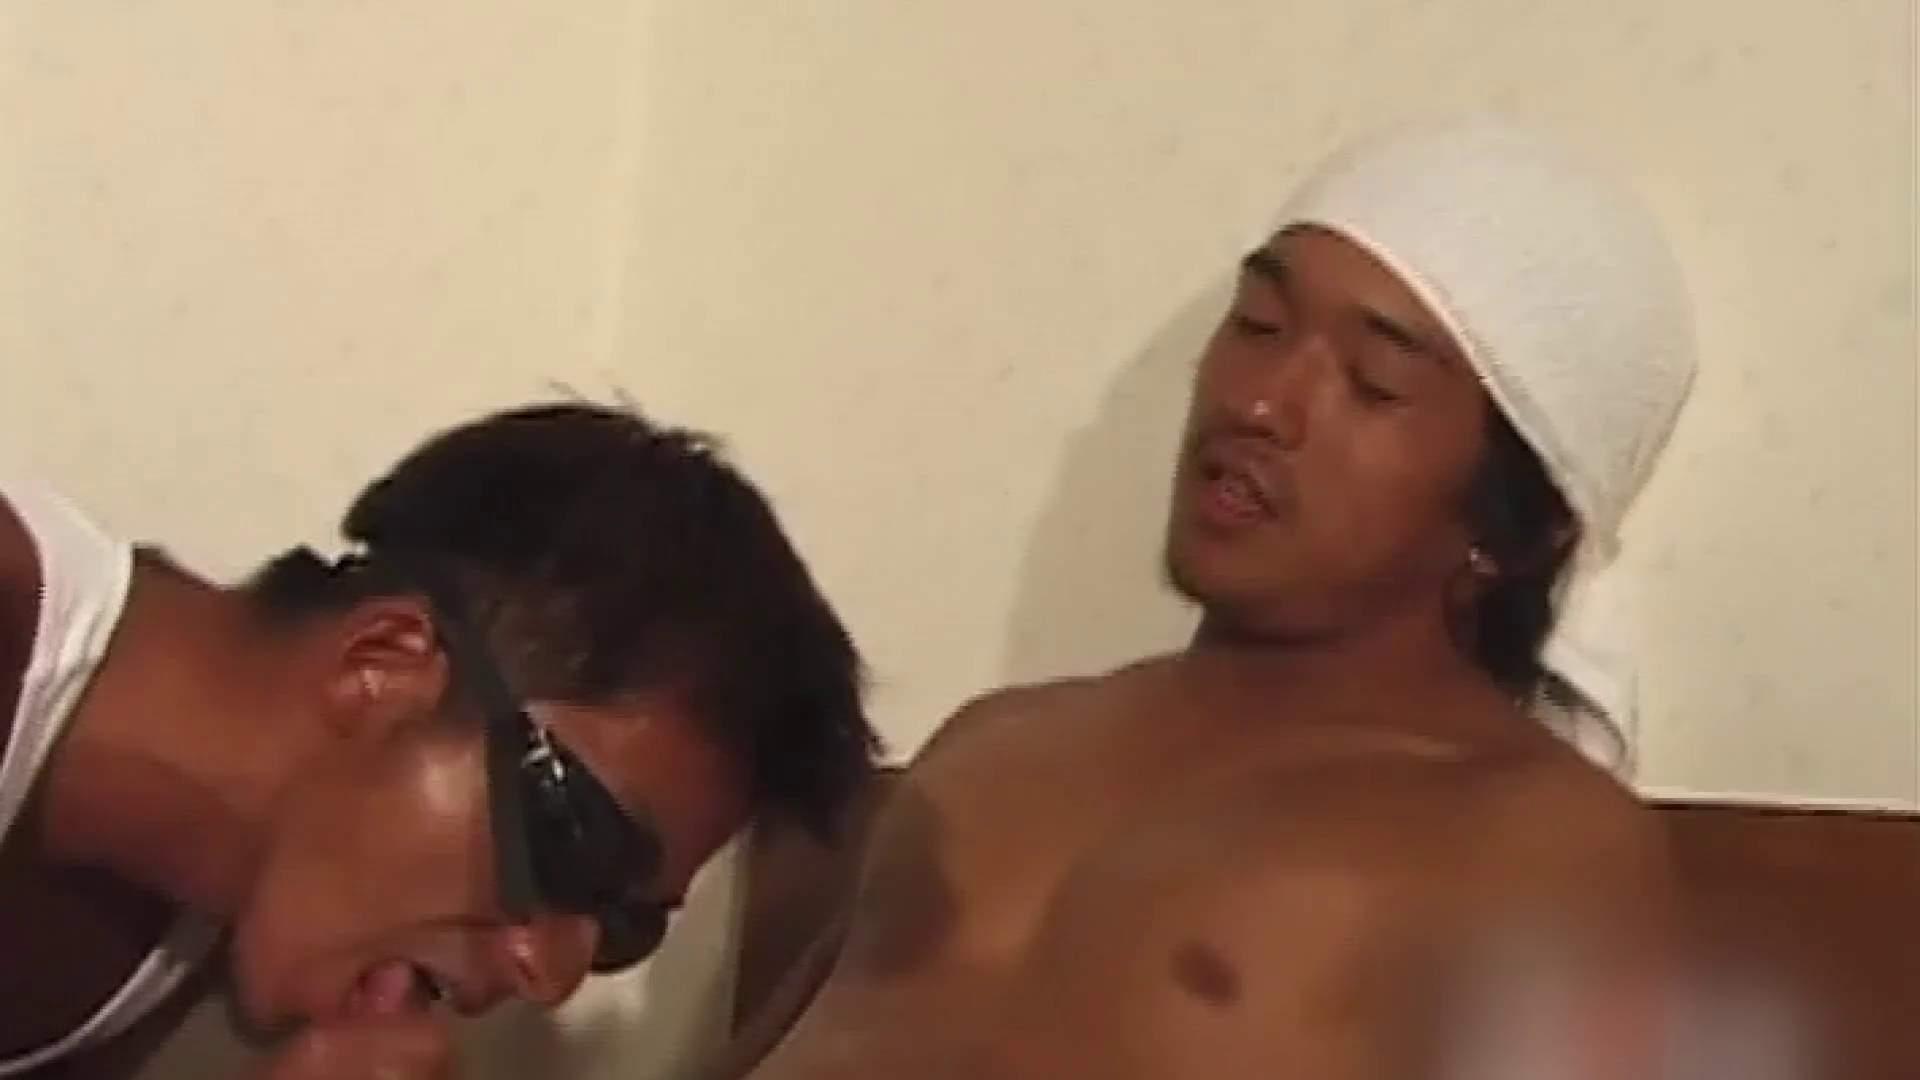 珍肉も筋肉の内!!vol.6 男 ゲイ無料無修正画像 61枚 54